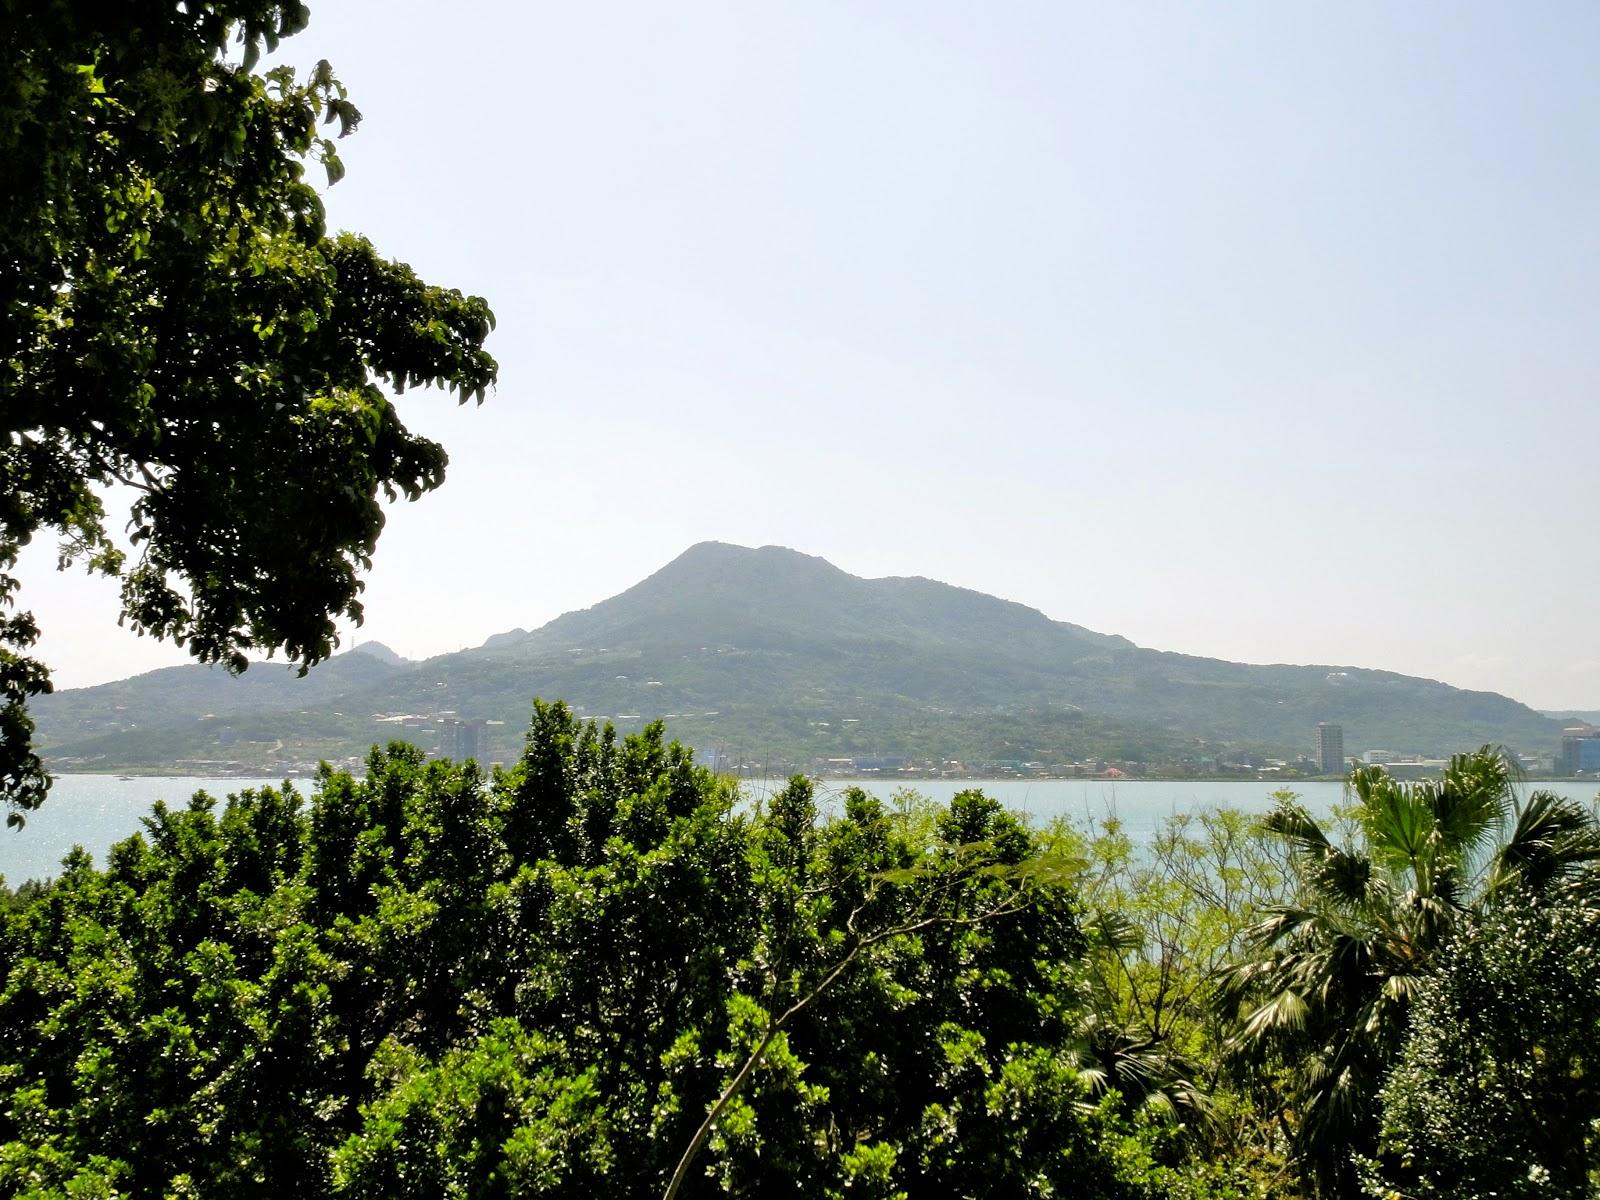 Guan Yin Mountain Tamsui Taiwan